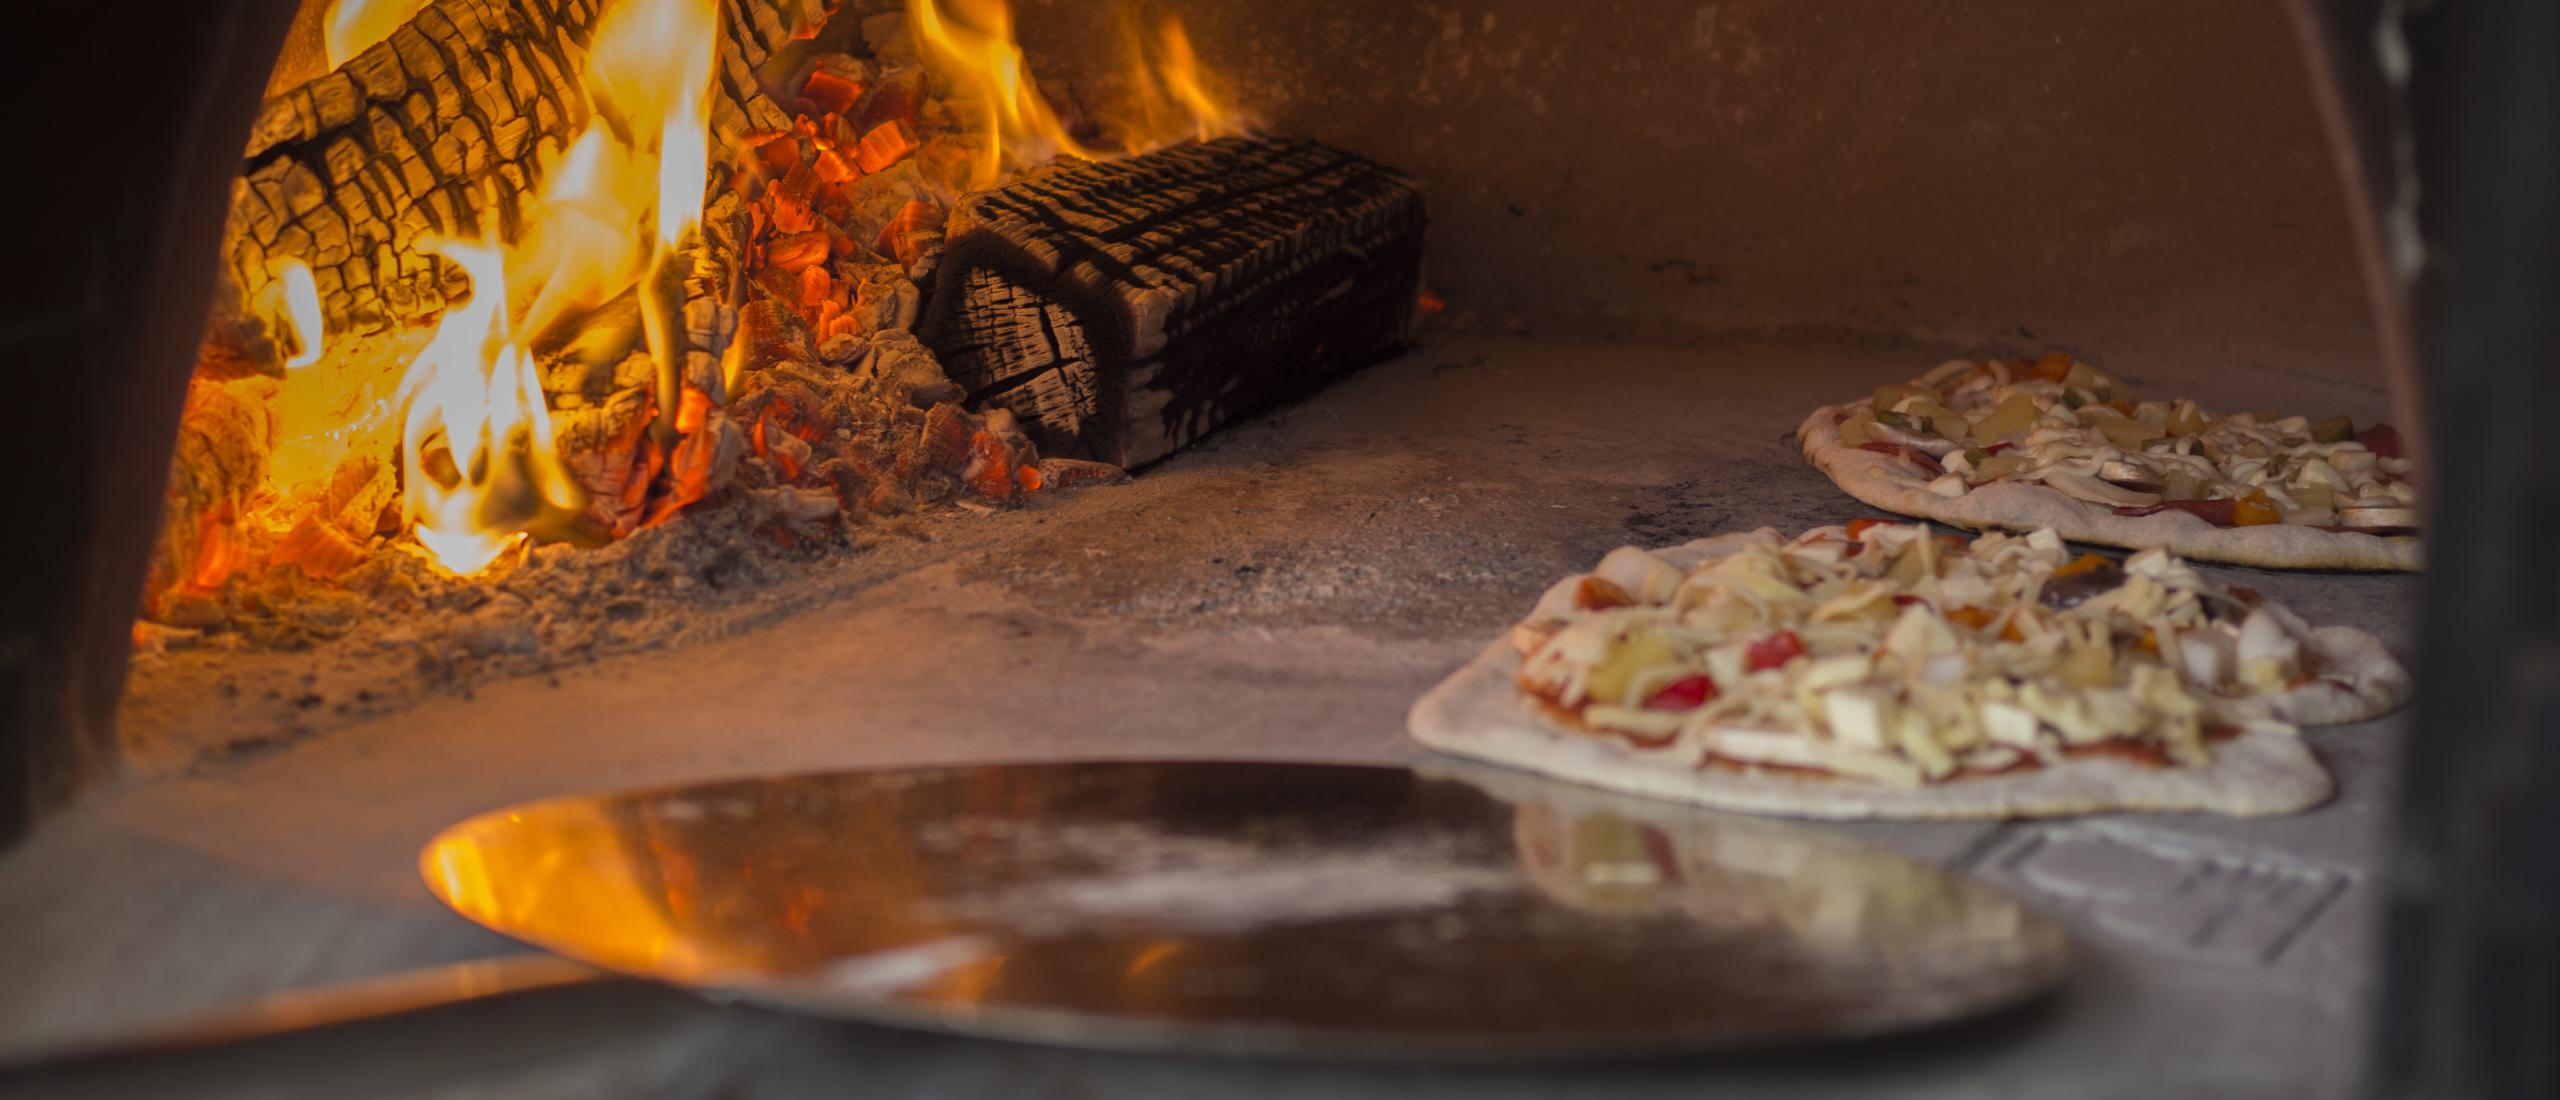 Wekelijkse pizza-avond van De Grienduil is wereldberoemd